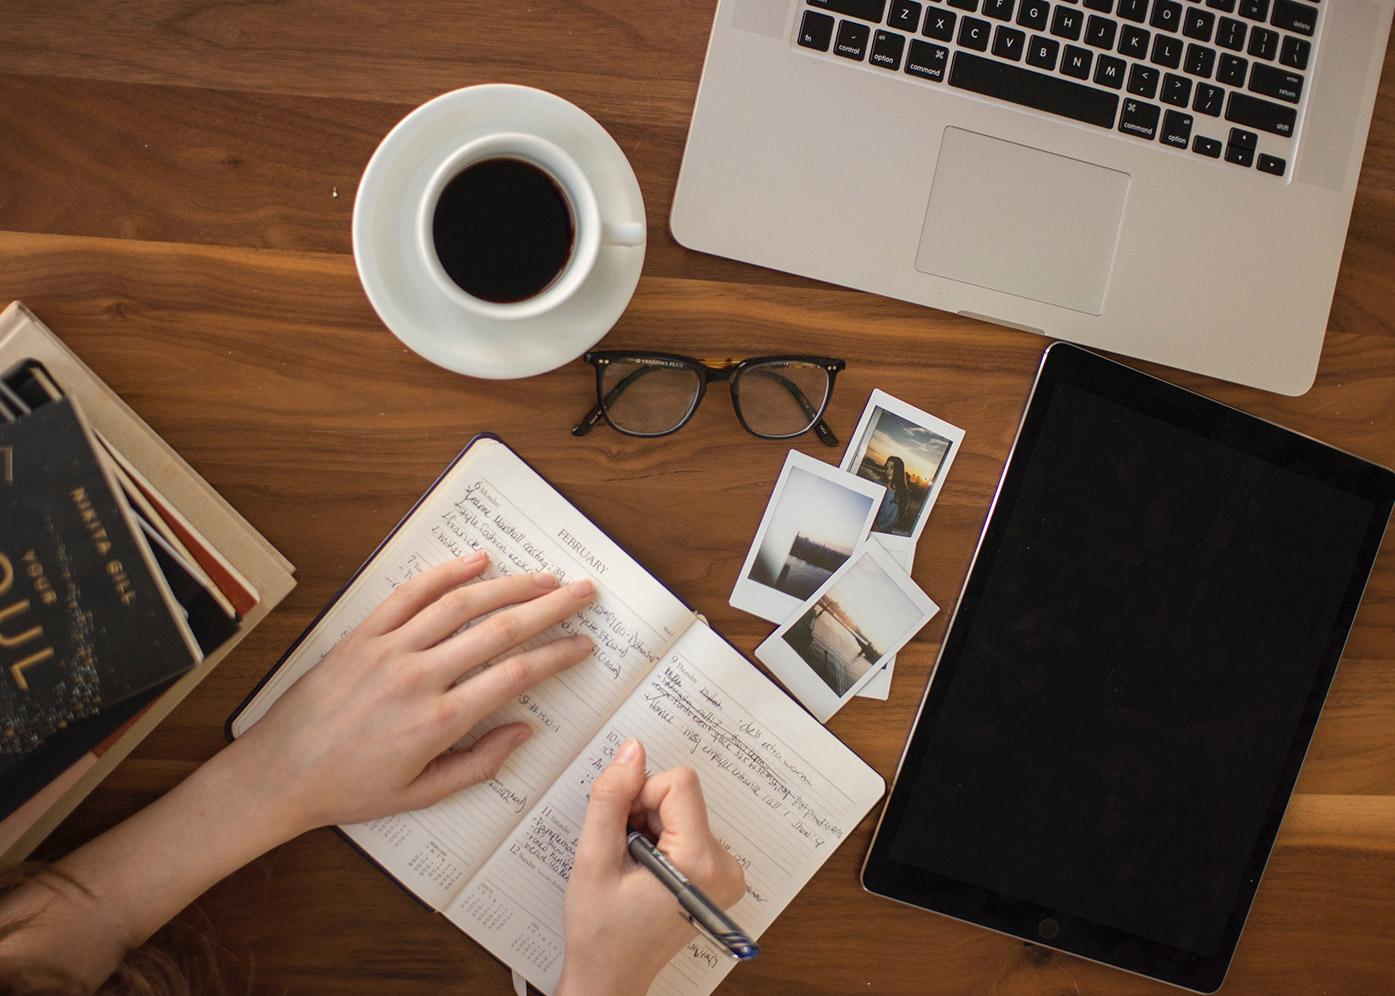 Das Bild zeigt eine arbeitende Frau. Sie schreibt Notizen in ein Heft. Das Bild wird als Titelbild für den Blog von W/F Branding & Digital Marketing verwendet.